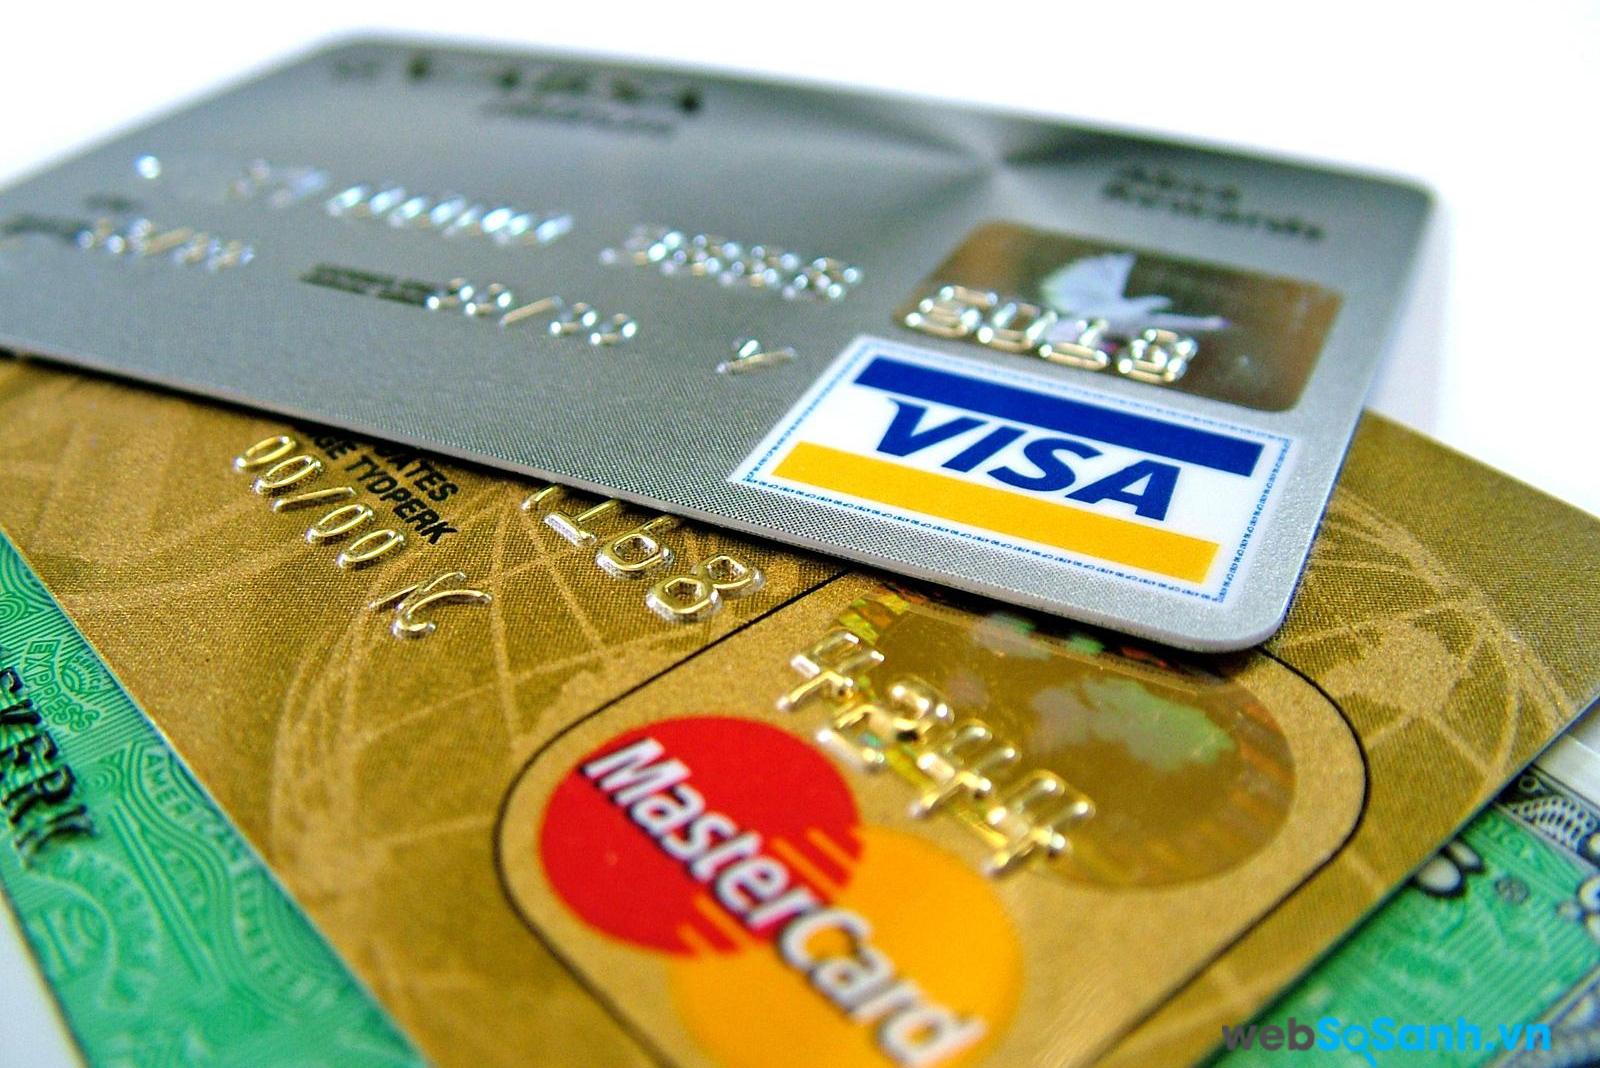 Thẻ Visa được chấp nhận ở hầu hết các nước trên thế giới